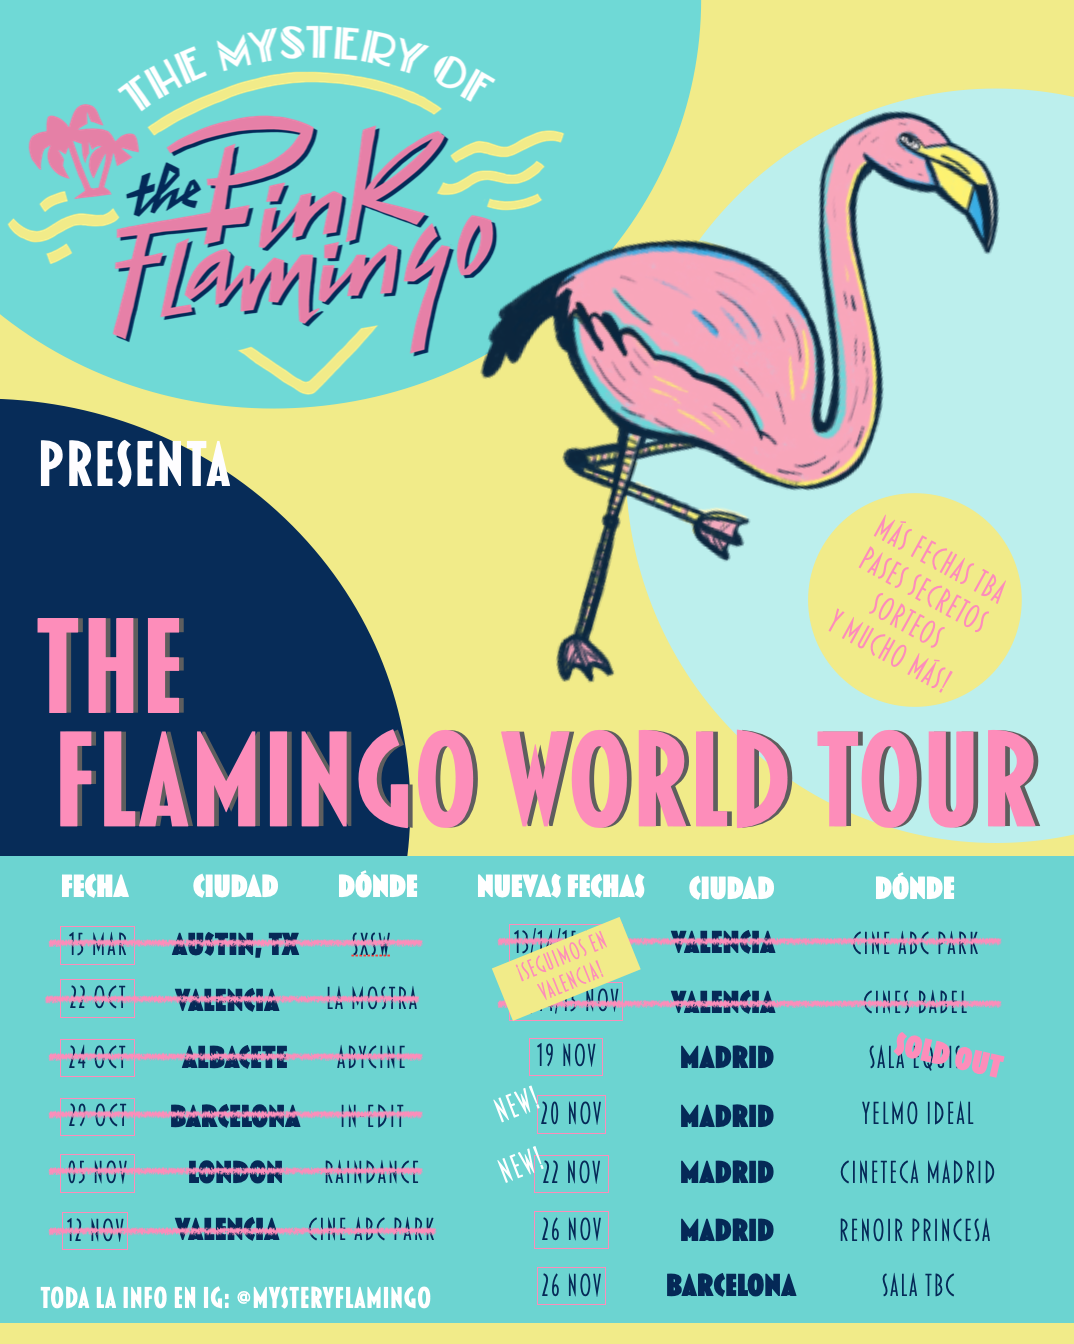 Empieza THE FLAMINGO WORLD TOUR